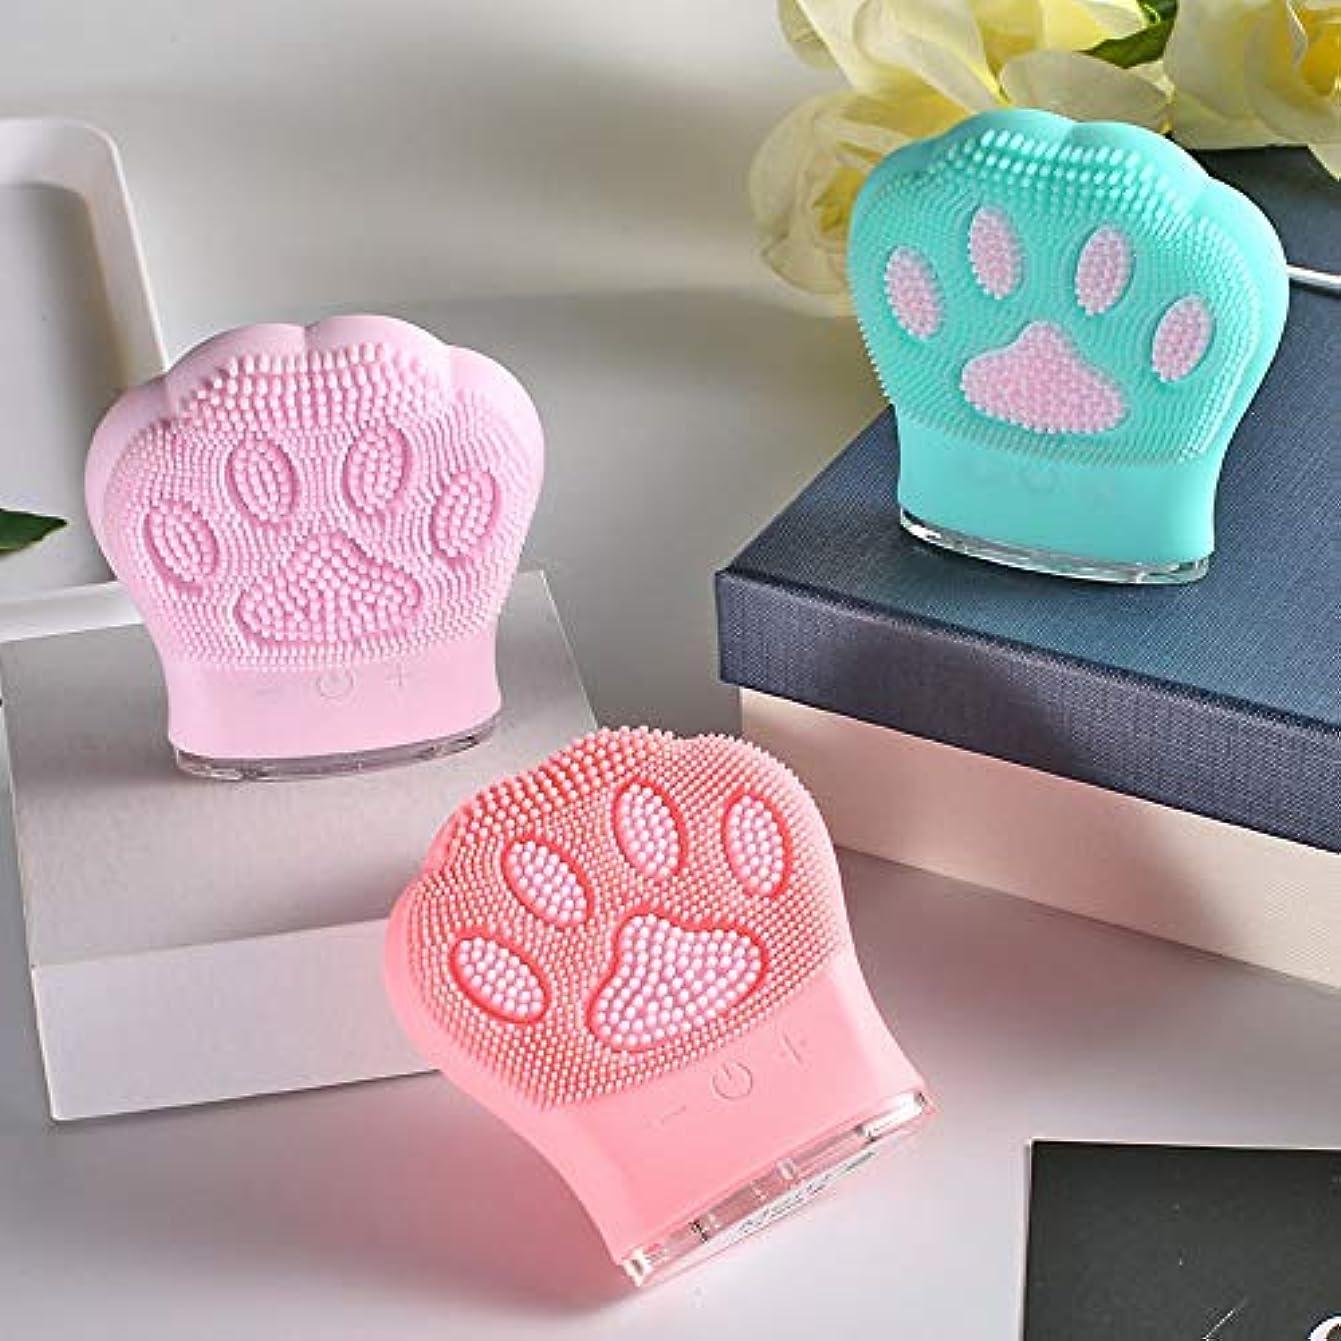 日の出意図エスカレーターZXF 新しい猫の爪形状シリコーンクレンジング楽器超音波充電洗顔器具ガールフレンド小さなギフト洗浄ブラシピンク赤青セクション 滑らかである (色 : Pink)